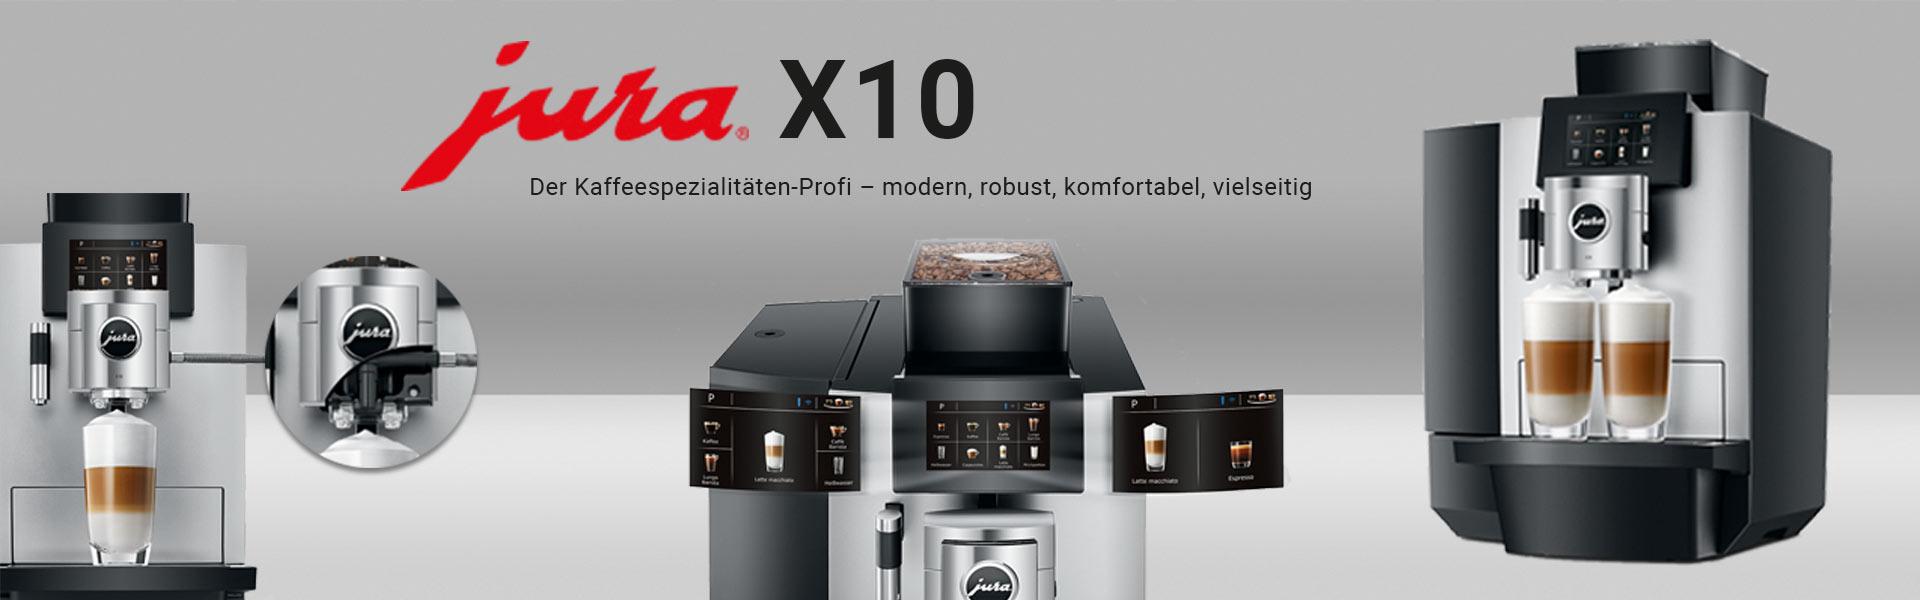 JURA X10 Banner